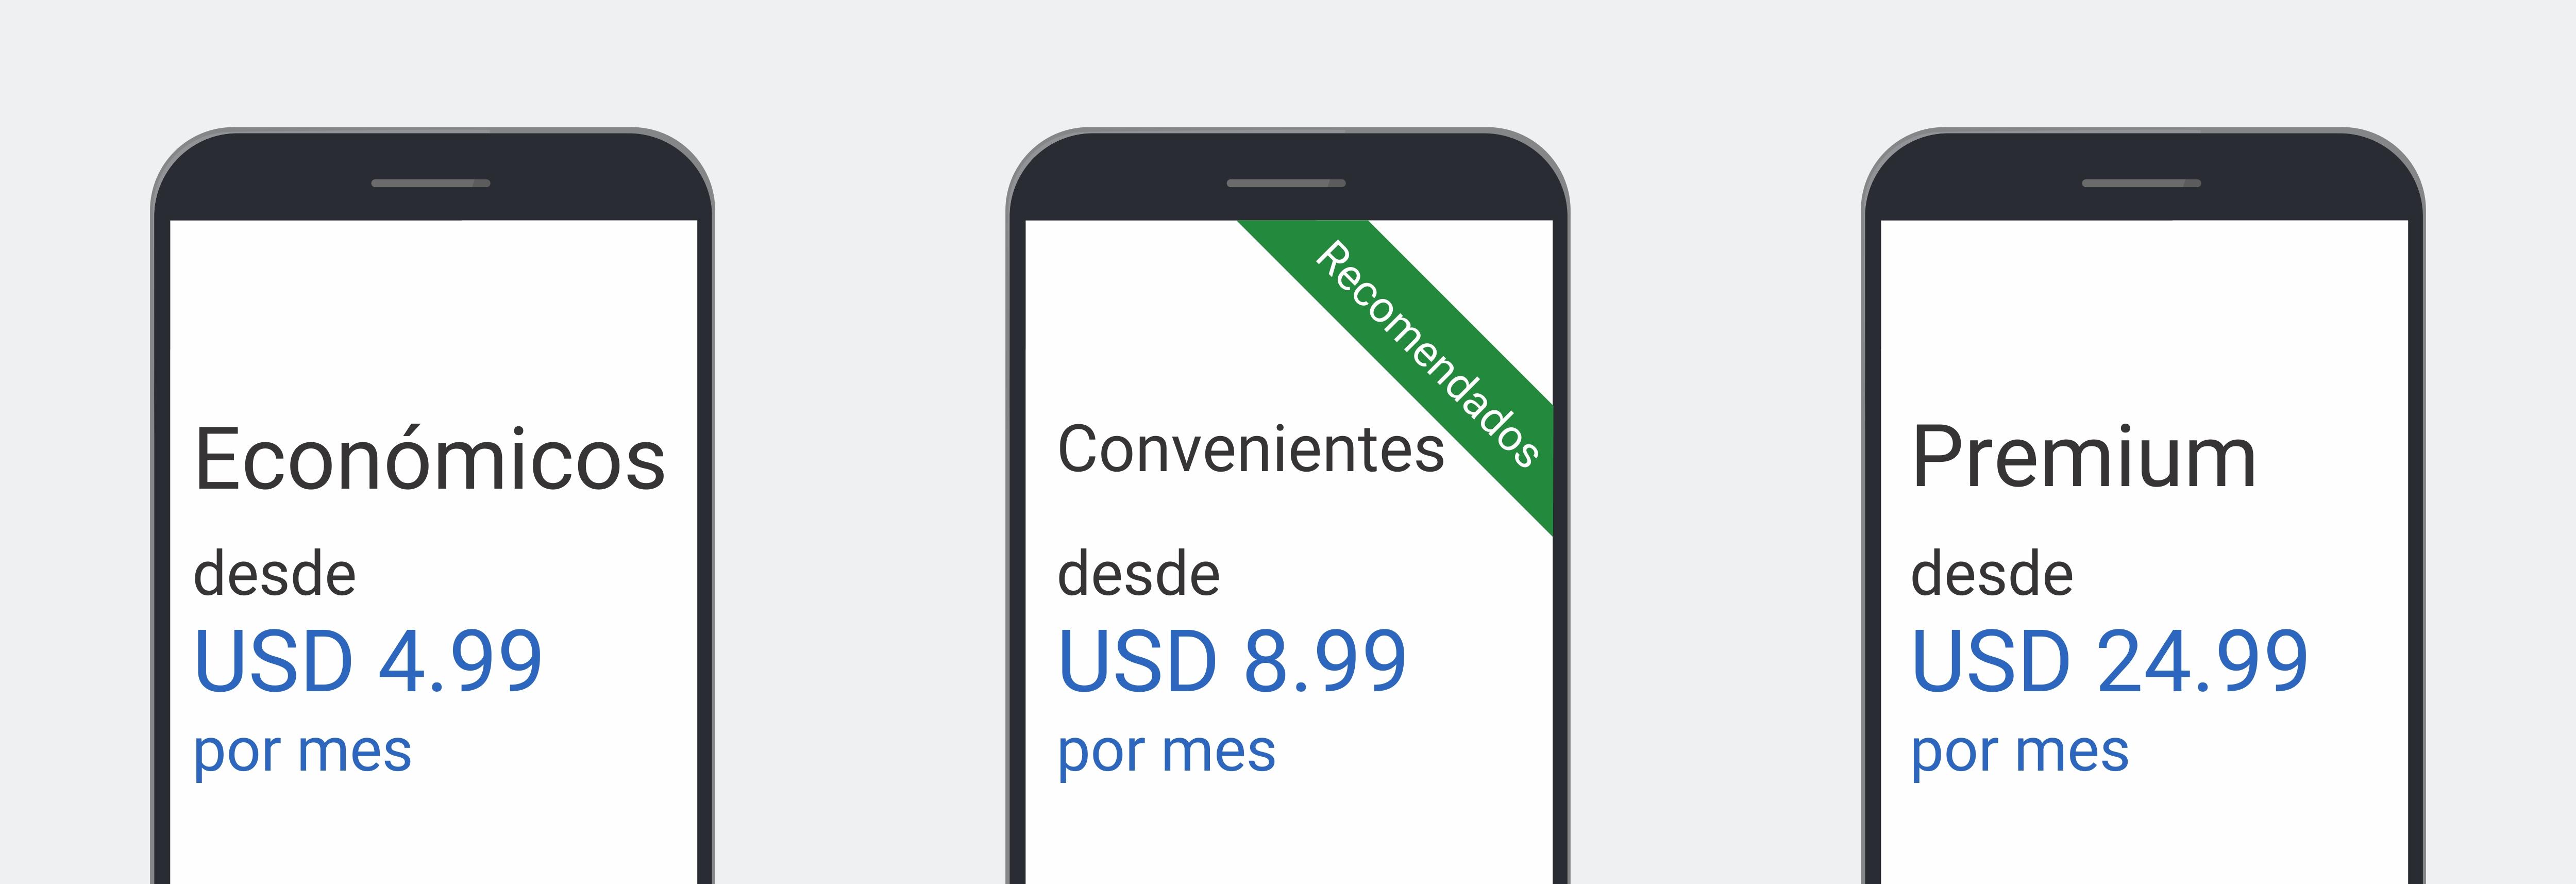 3 pantallas de teléfono muestran ofertas de planes de datos: económicos, desde USD 4.99 por mes; convenientes y recomendados, desde USD 8.99 por mes; Premium, desde USD 24.99 por mes